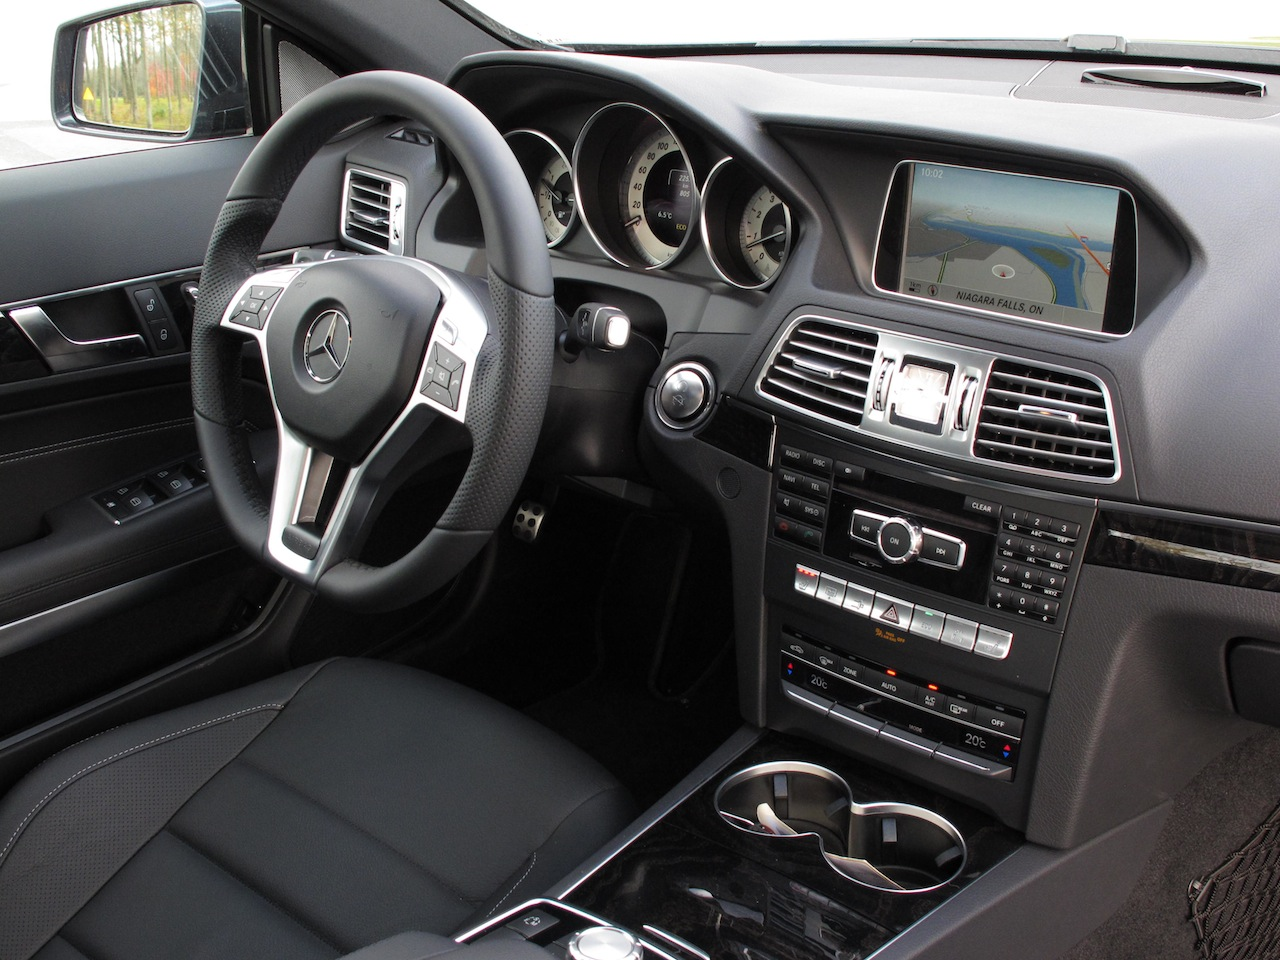 Mercedes benz e350 coupe 2010 autos post - Mercedes e coupe interior ...